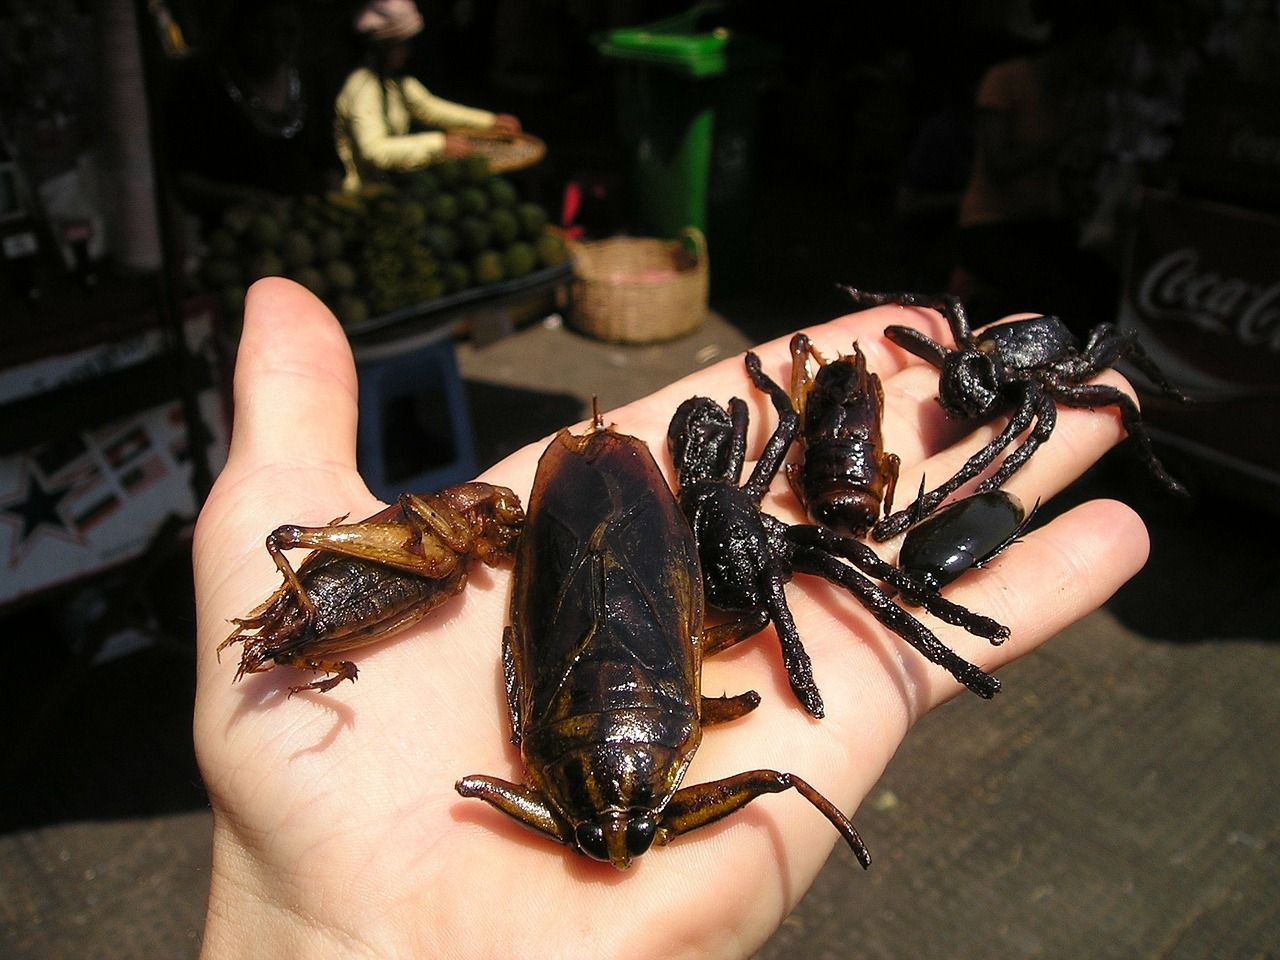 La ONU recomienda comer insectos por su aporte proteínico, su bajo coste de producción y su reducido impacto medioambiental